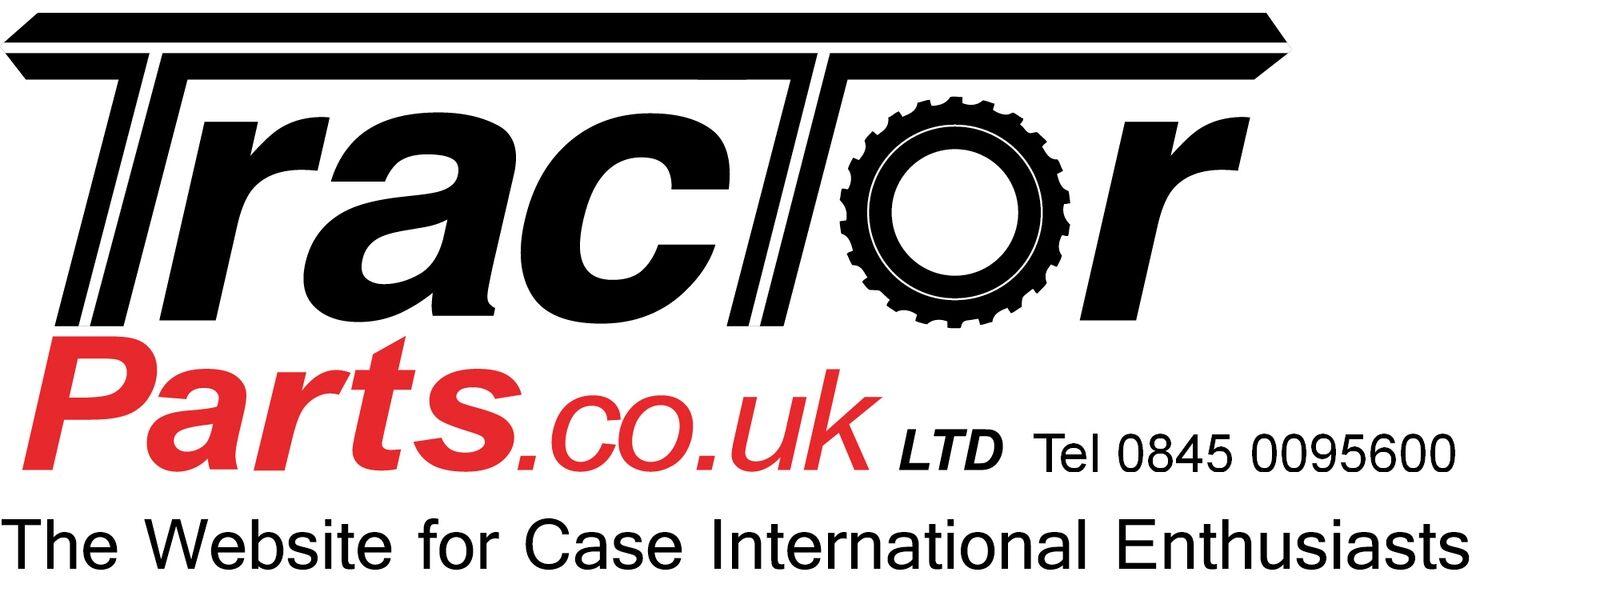 Tractorparts UK Ltd